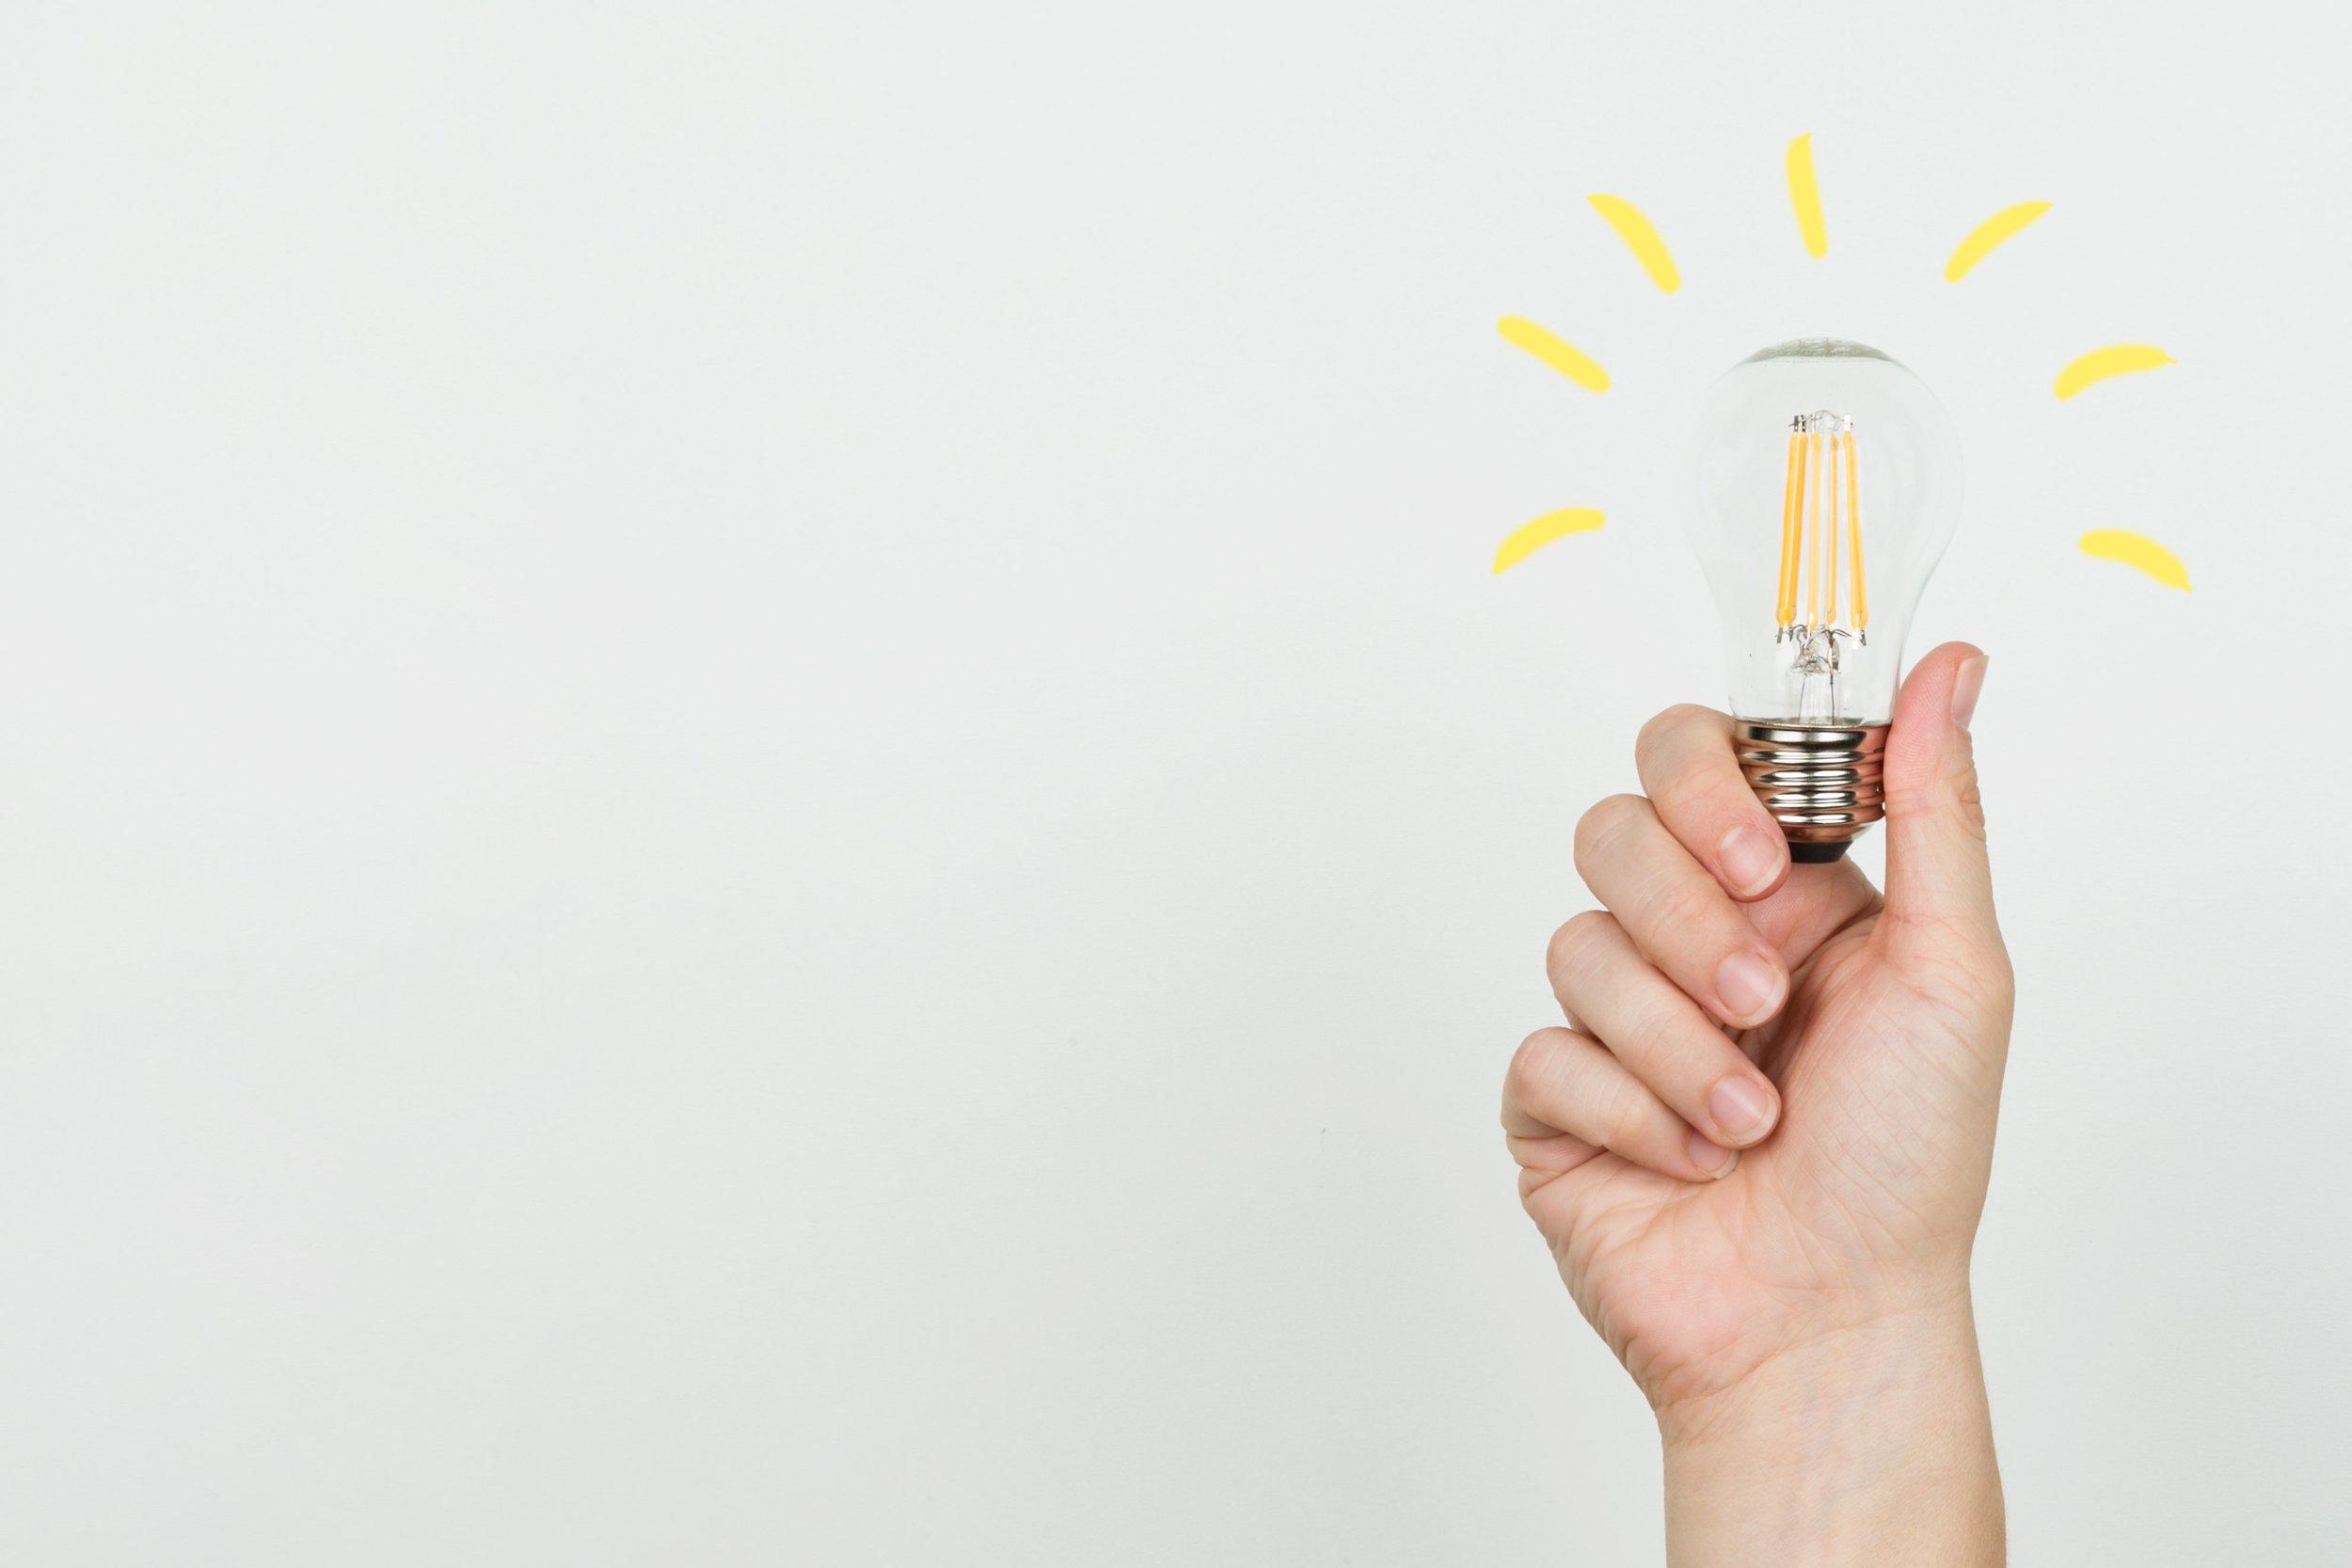 hand-with-idea-lightbulb_4460x4460.jpg